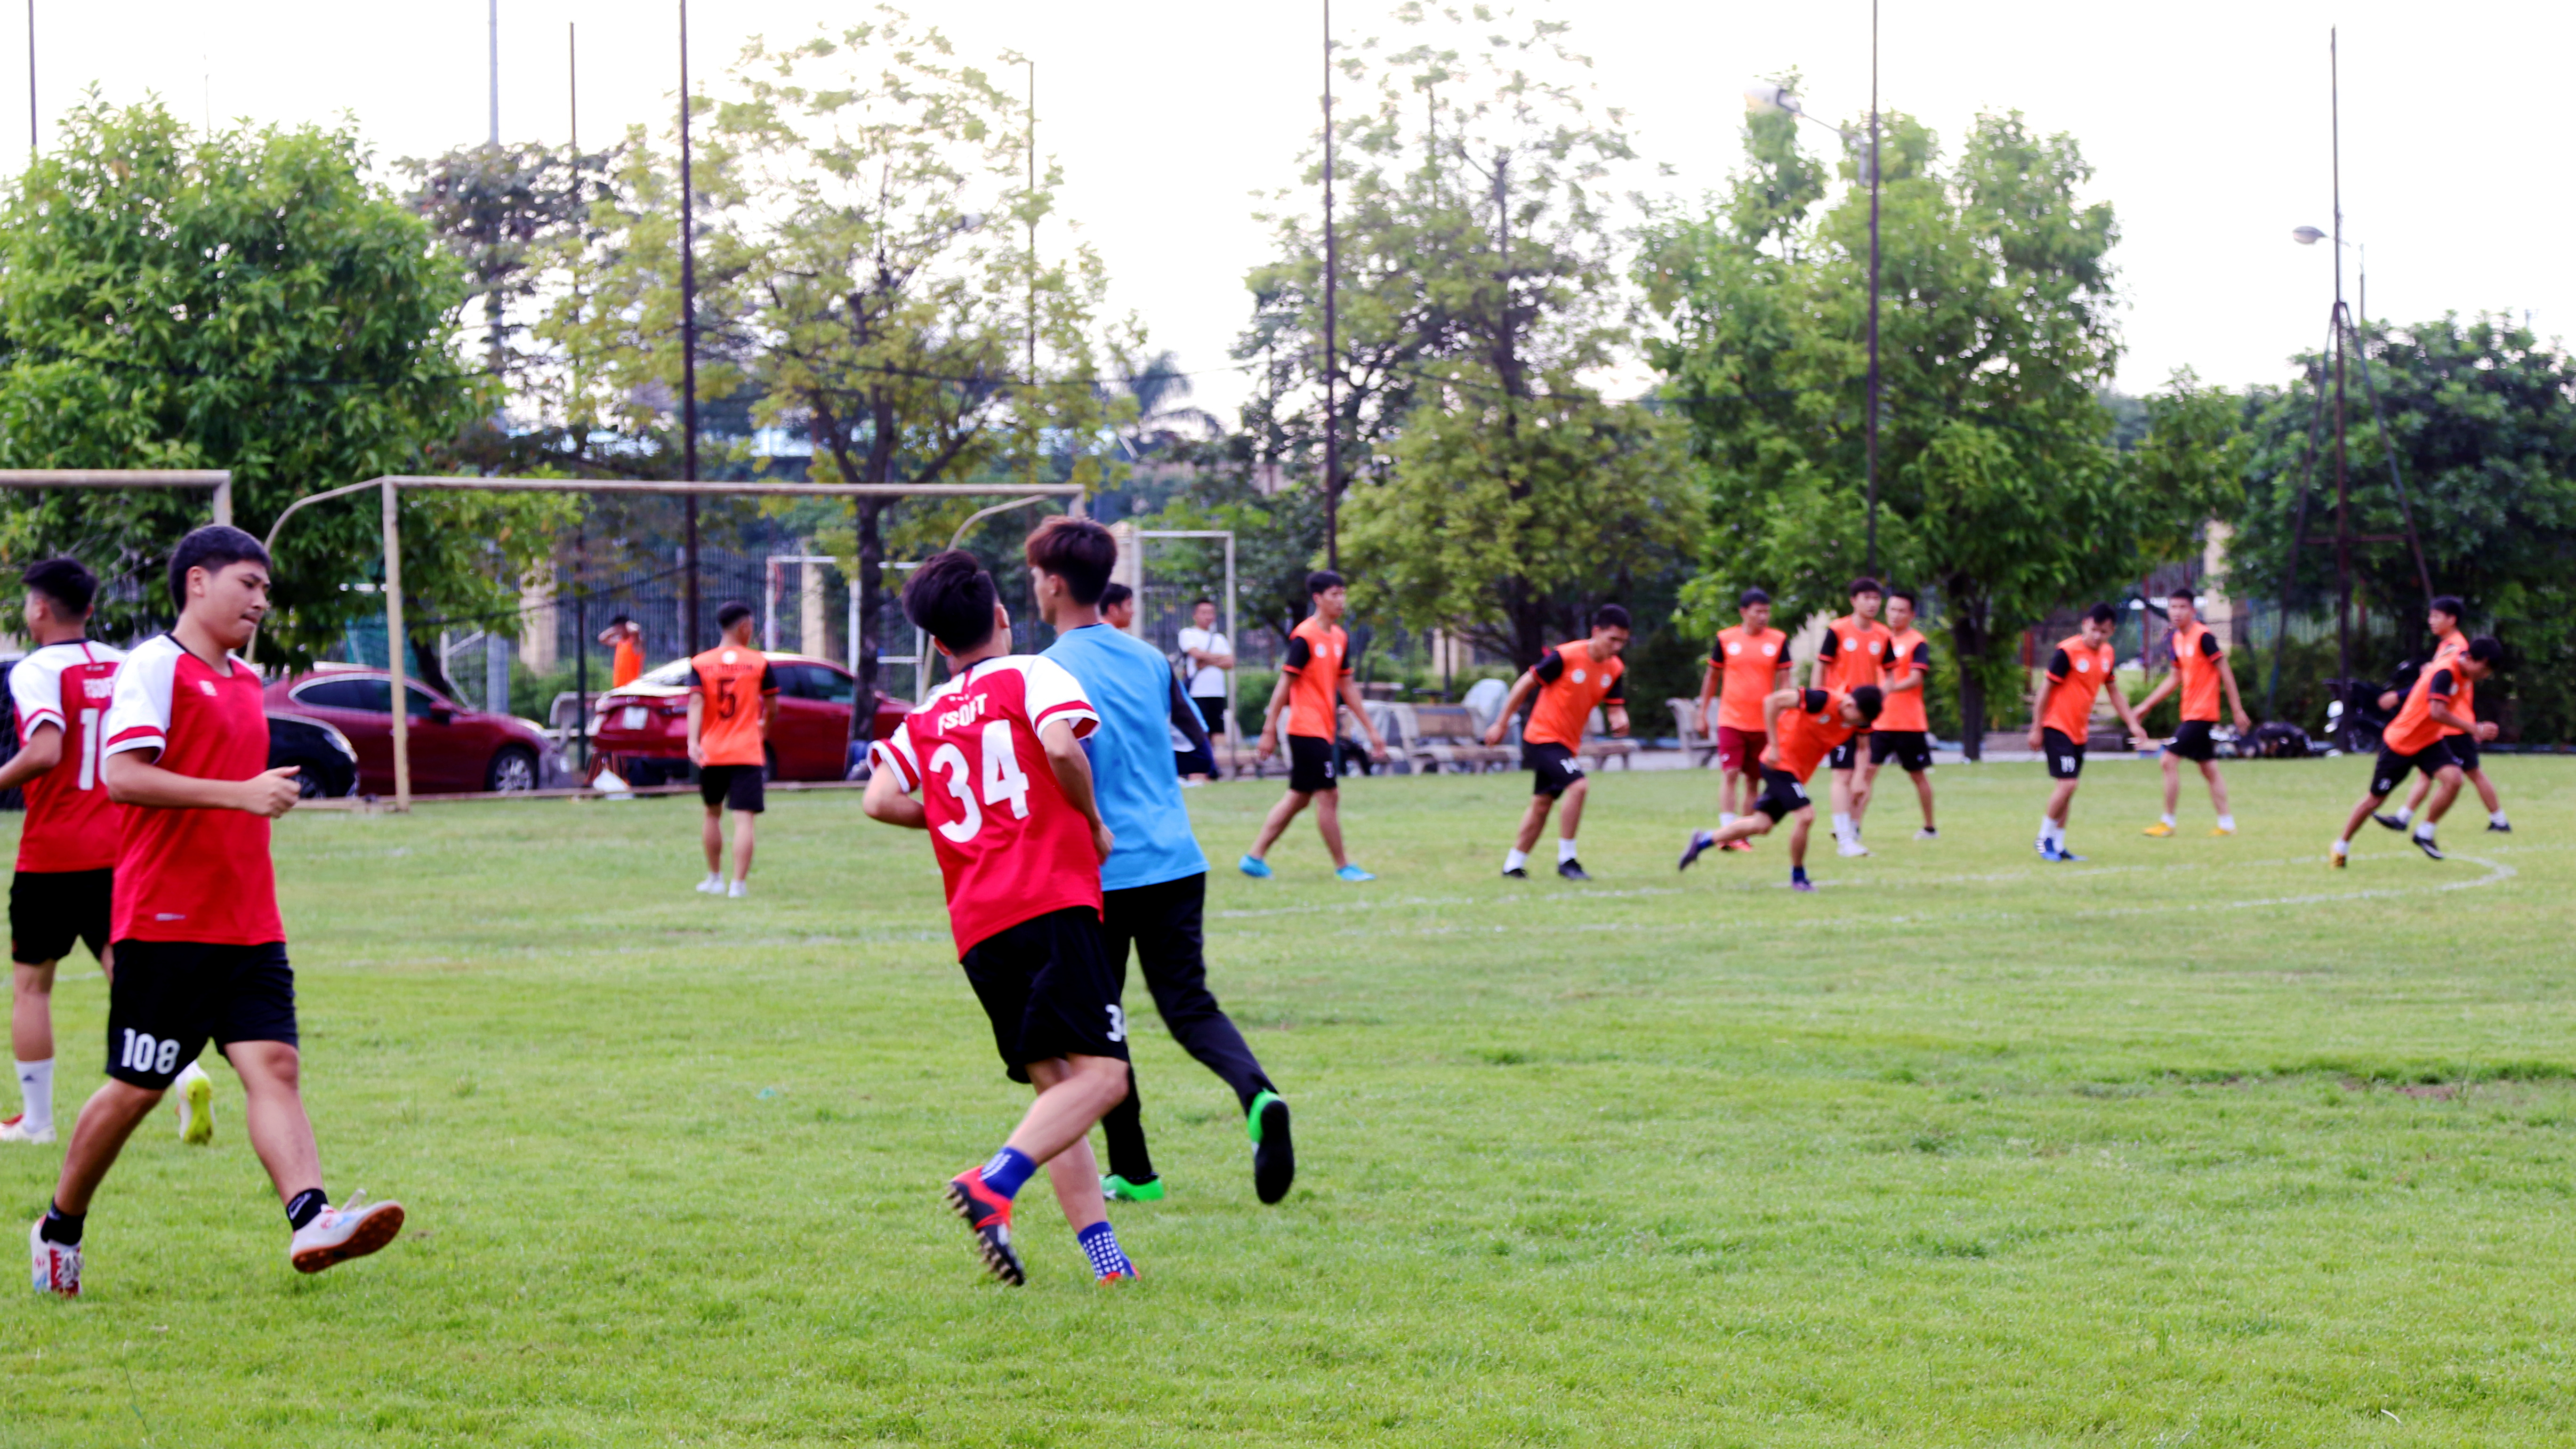 Chiều ngày 11/9, loạt trận đấu vòng 5/5 (vòng tròn tính điểm) giải bóng đá FPT Cup diễn ra cùng giờ với hai trận đấu giữa FPT Software gặp FPT Telecom, TP Bank đối đầu với FPT Education. Đây là loạt trận bế mạc giải đấu, quyết định thành tích của các đội để tìm ra nhà vô địch.